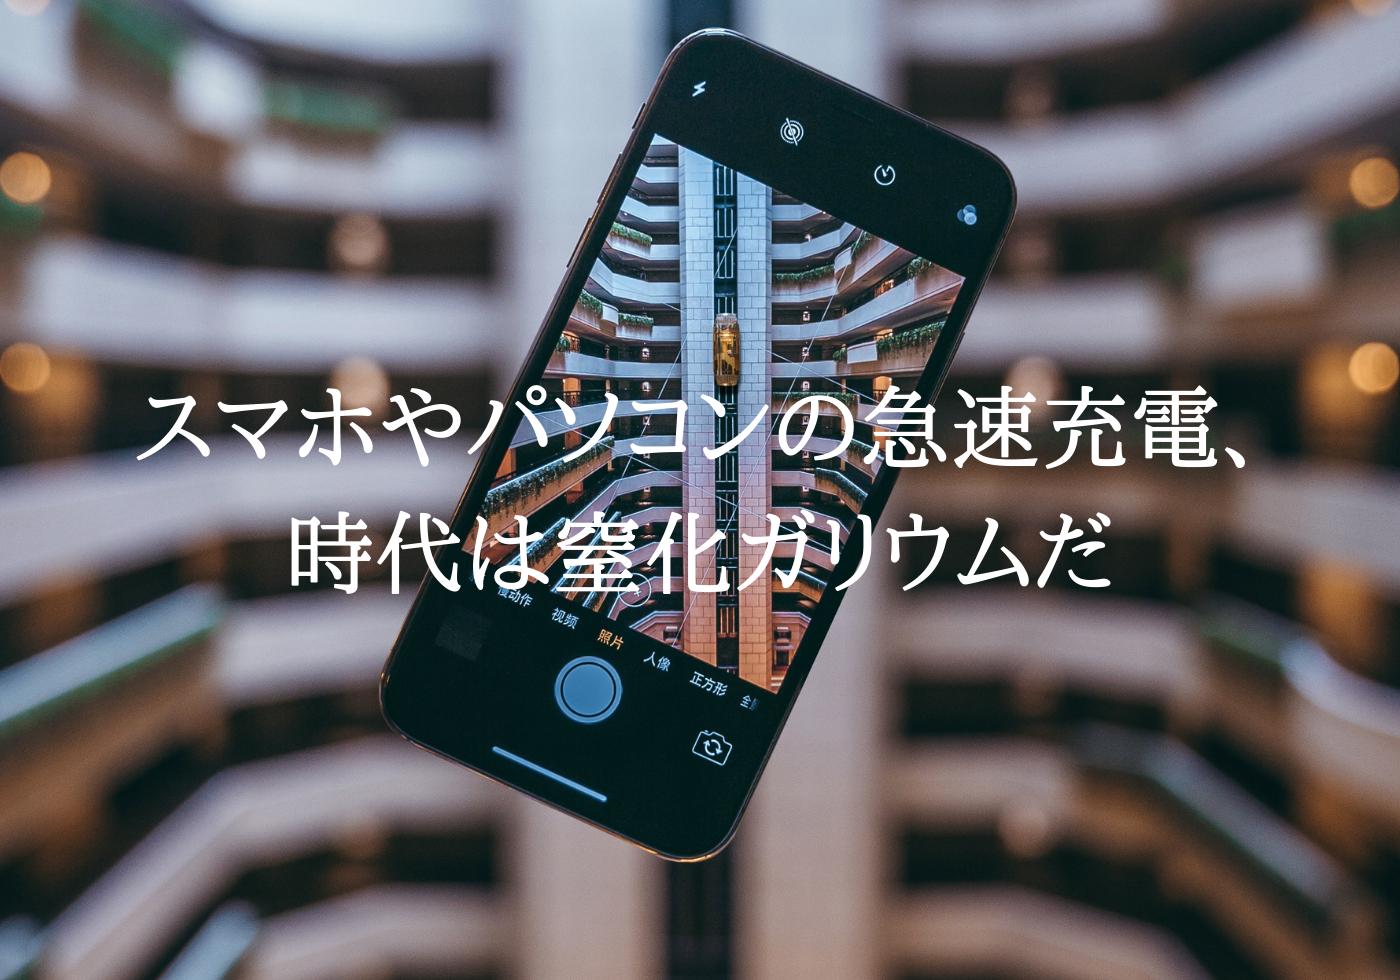 スマホ(iPhone,Android)やパソコンの急速充電、時代は窒化ガリウムだ